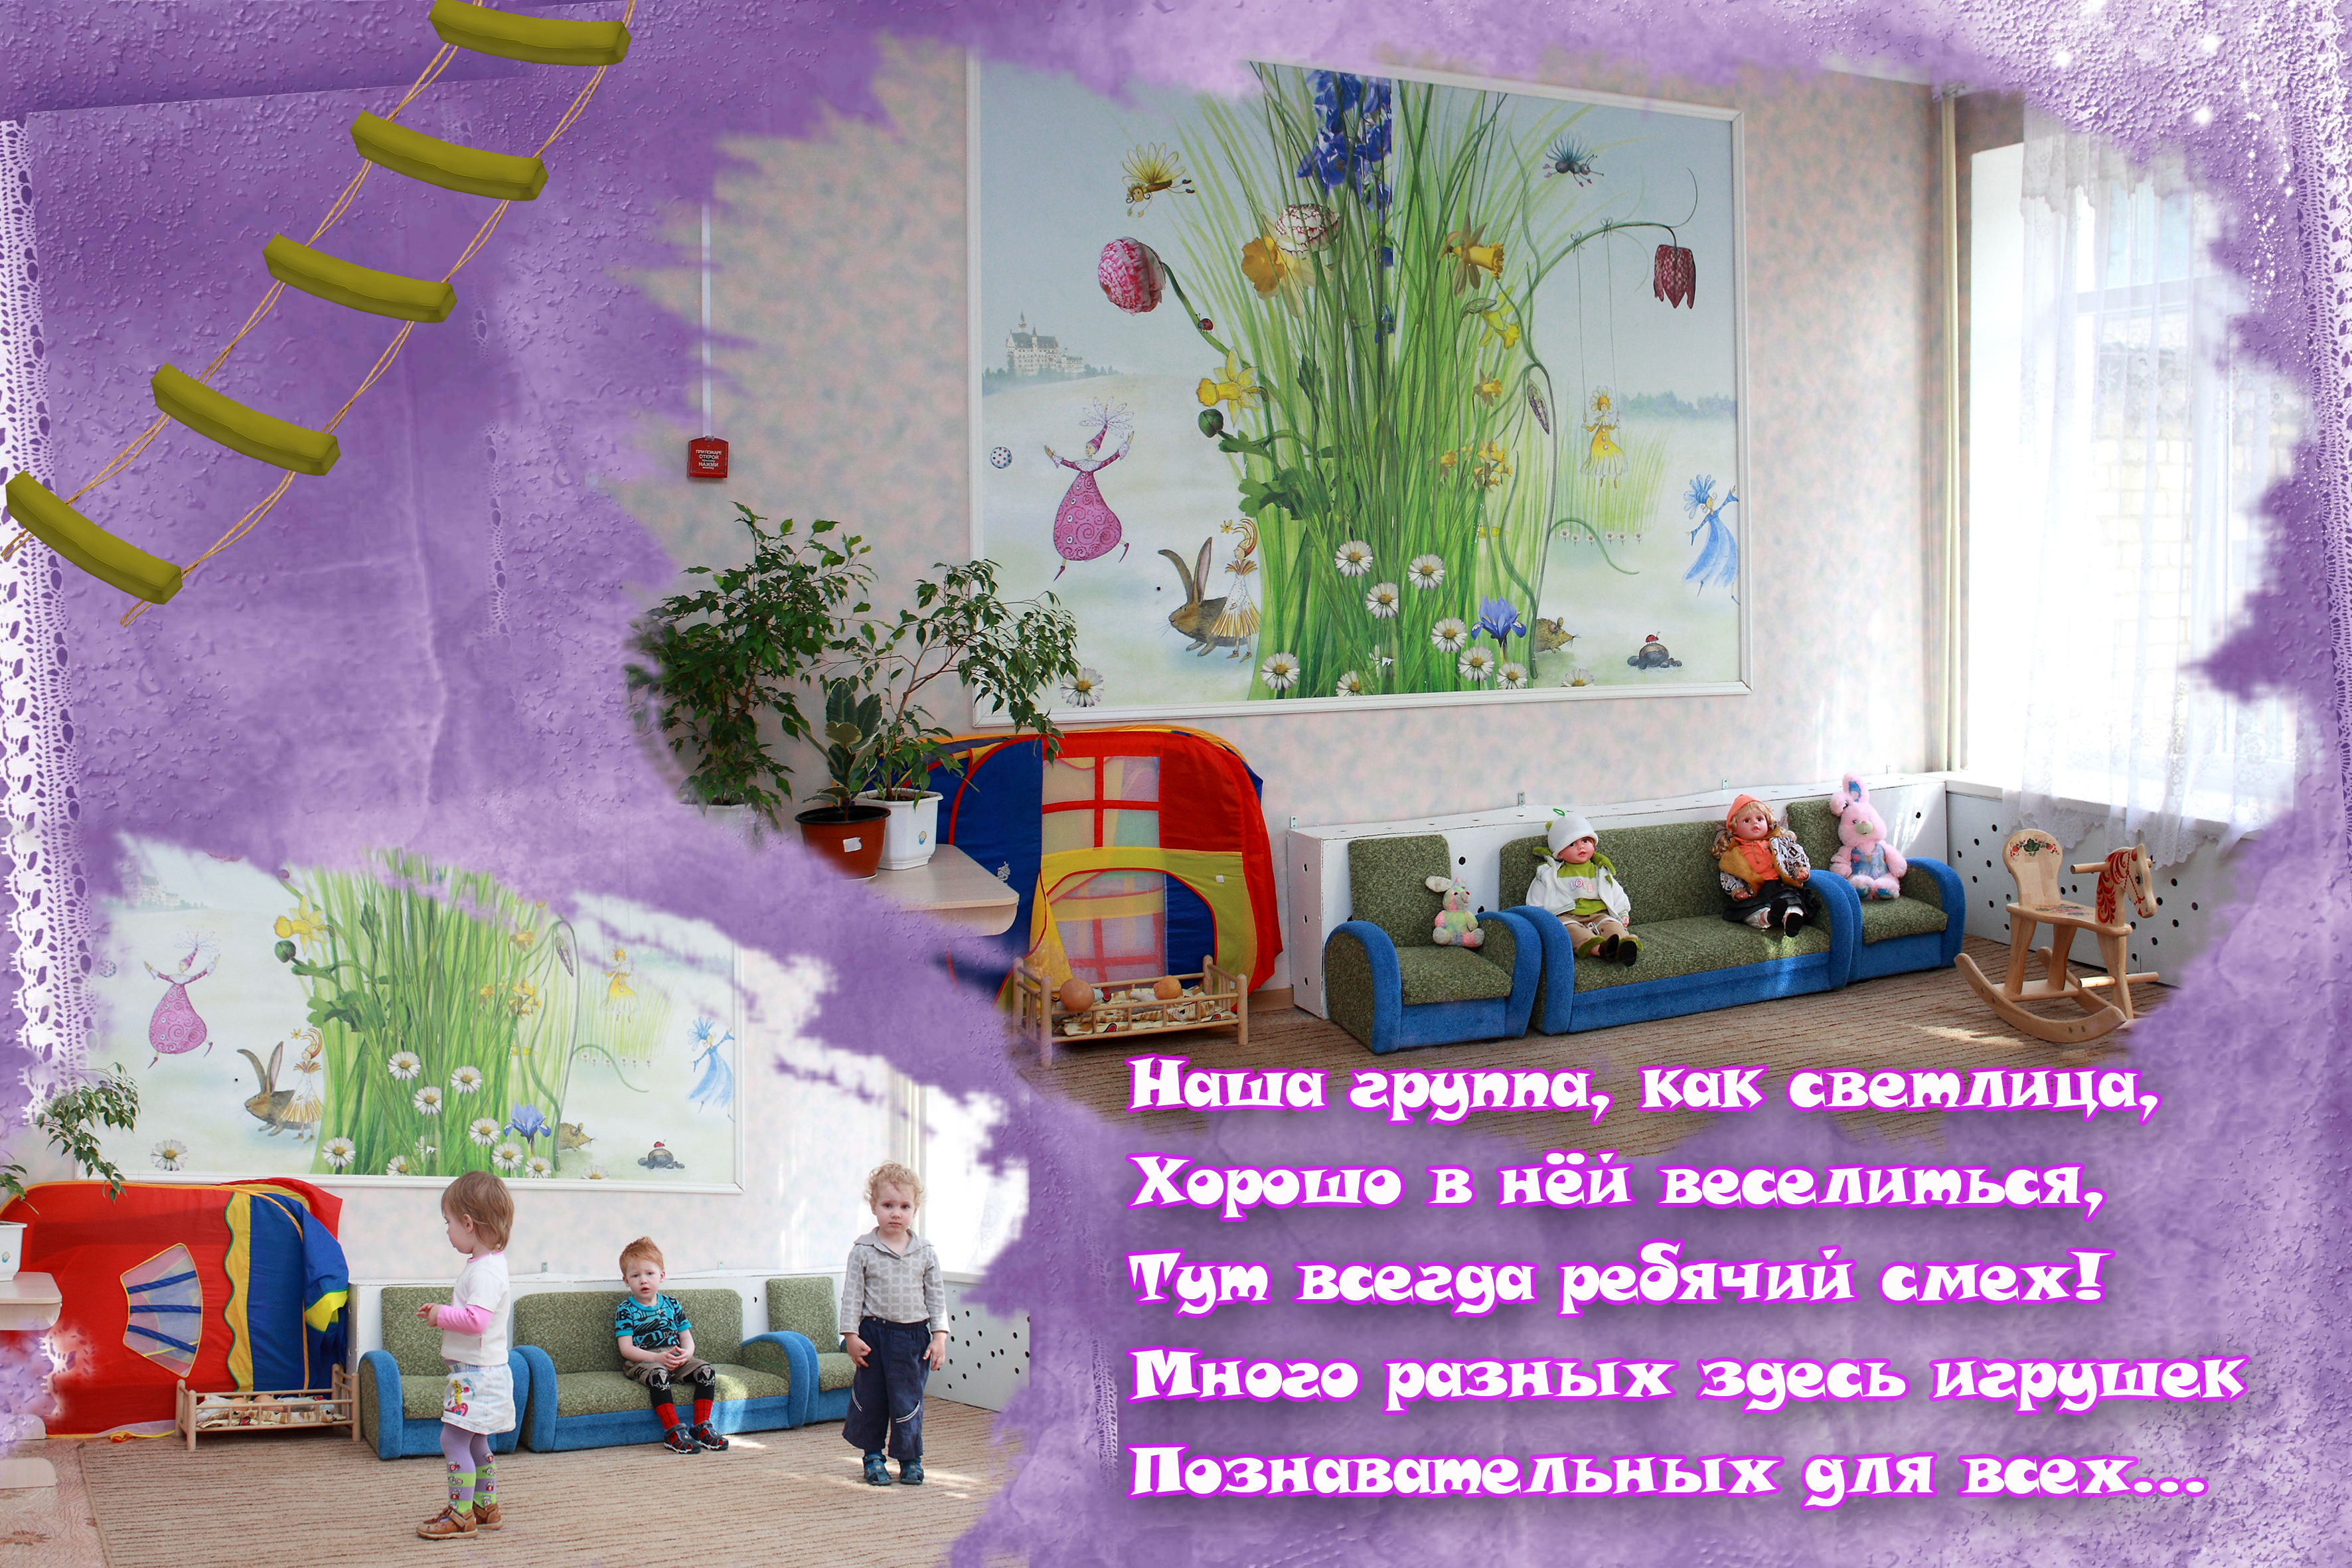 Поздравление детского сада с юбилеем - Поздравок 24